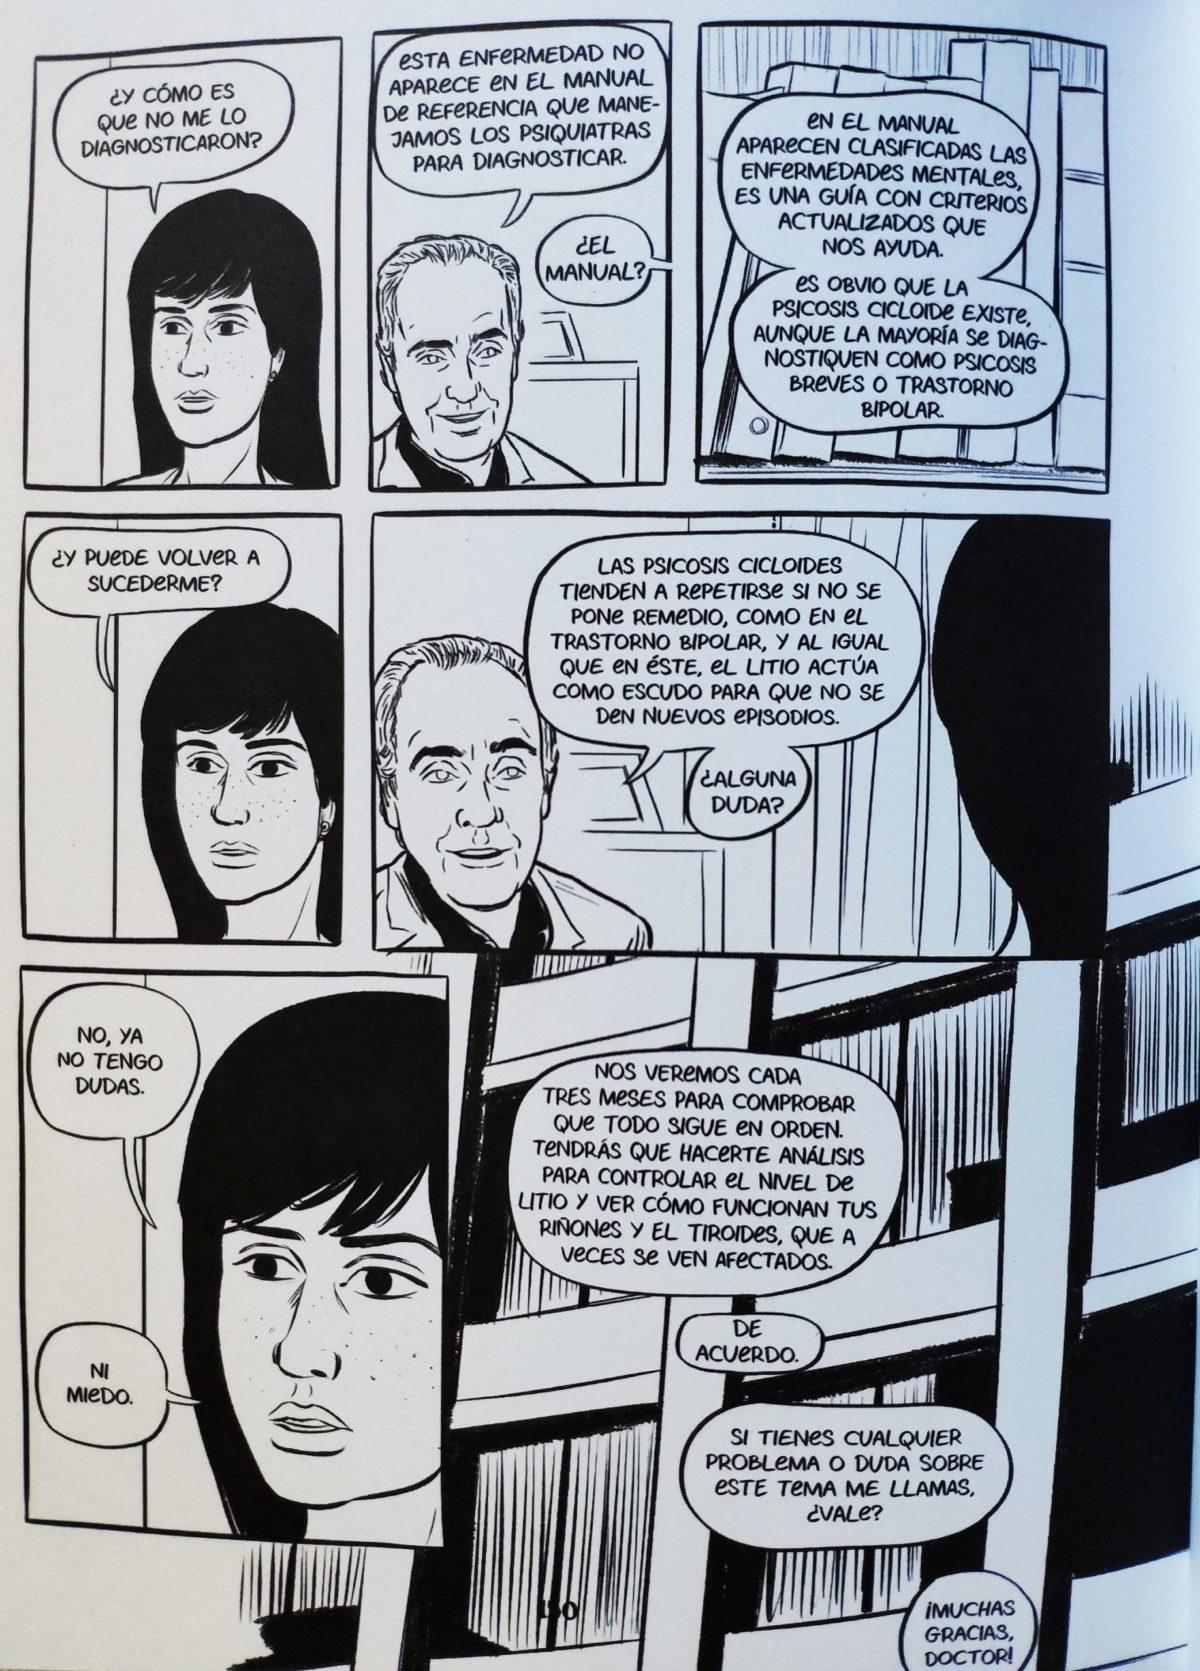 Mio caro fumetto… – Precisazioni sulla diagnosi definitiva